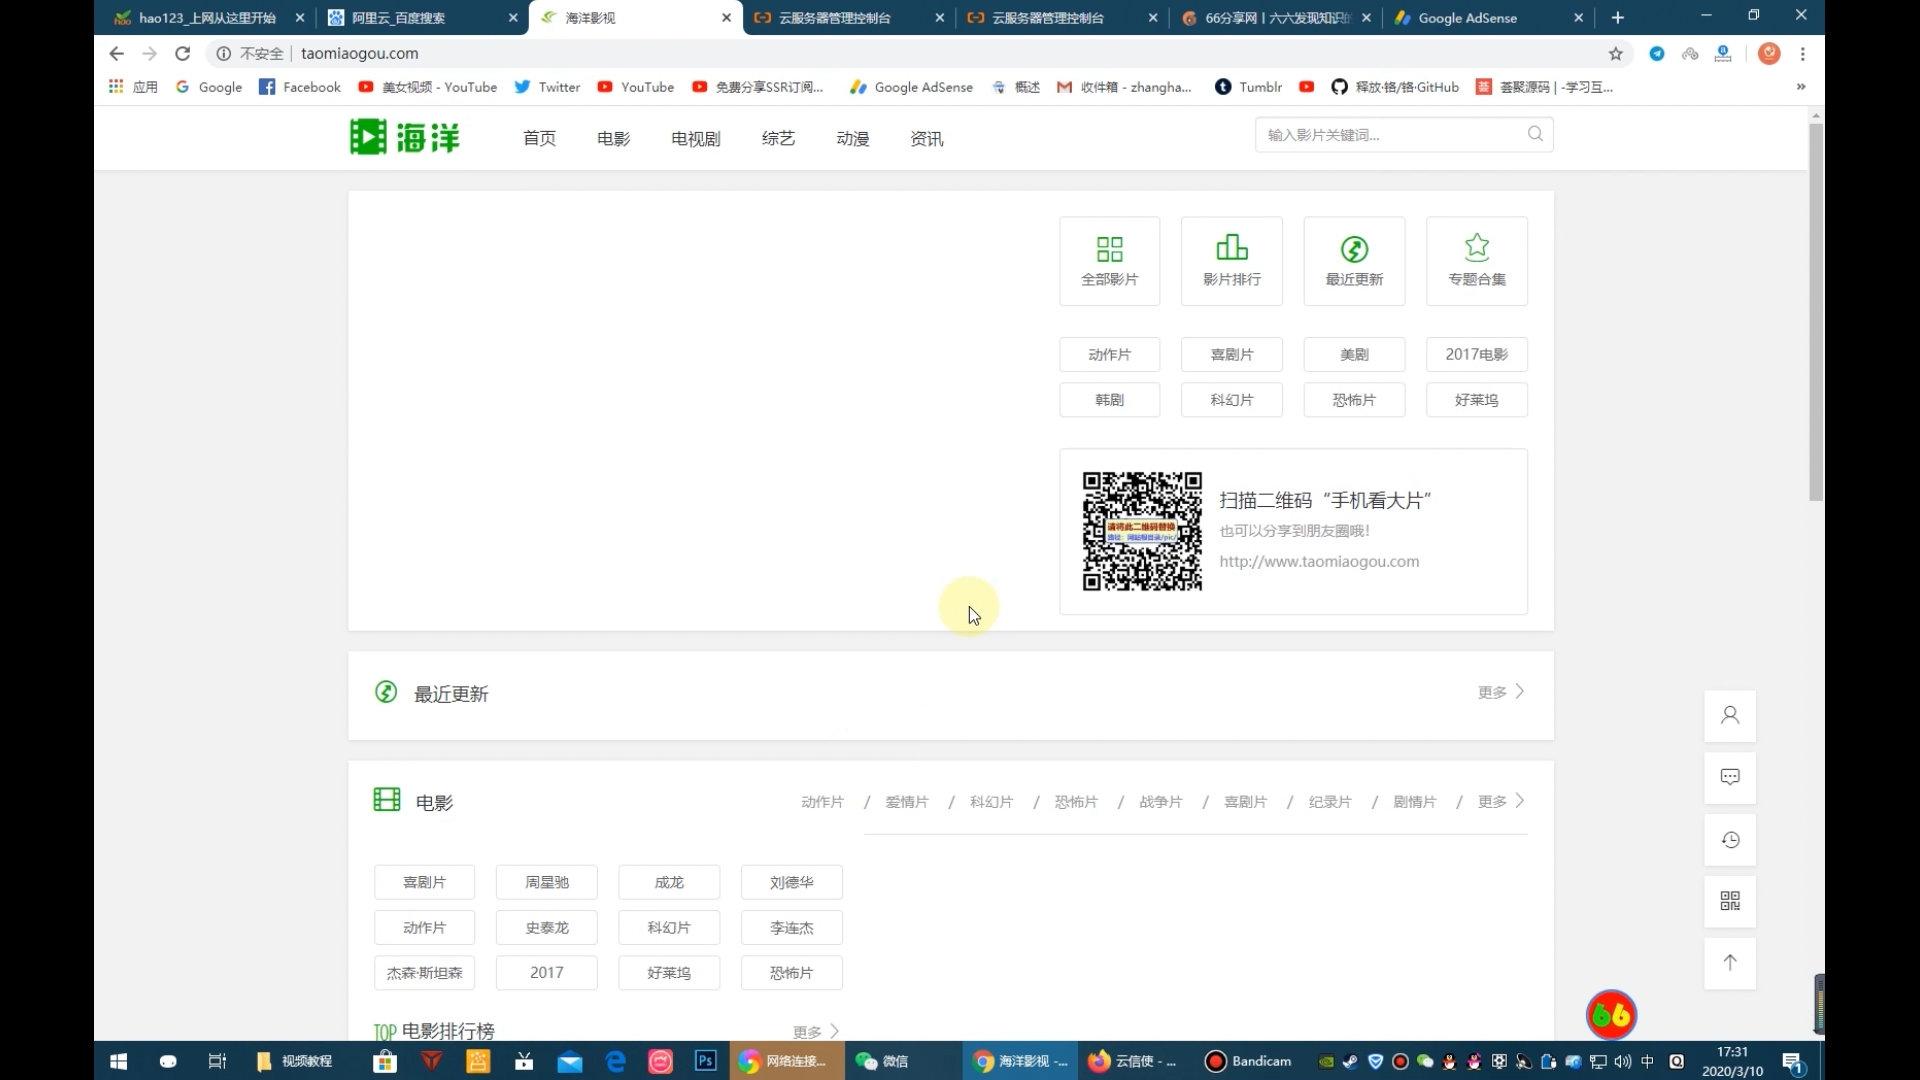 建站教程丨新手零基础使用国外免备案服务器快速搭建网站插图20